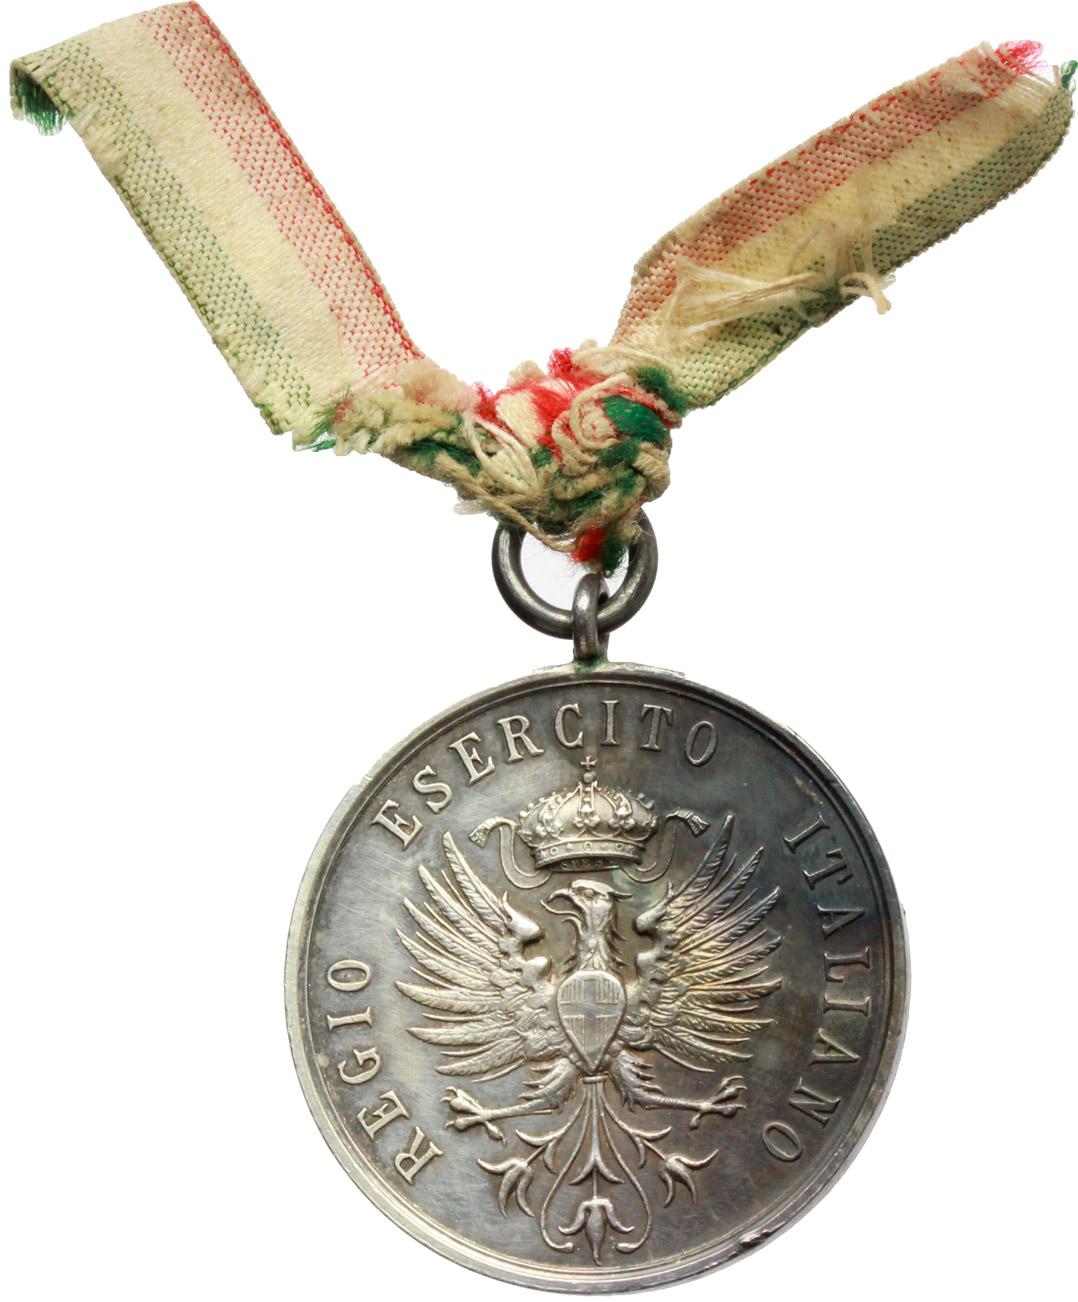 D/ Vittorio Emanuele III (1900-1943). Medaglia Regio Esercito Italiano con nastrino tricolore. Gara di ginnastica, 1° premio Gallini Aldo.     AG.   mm. 30.20    SPL.